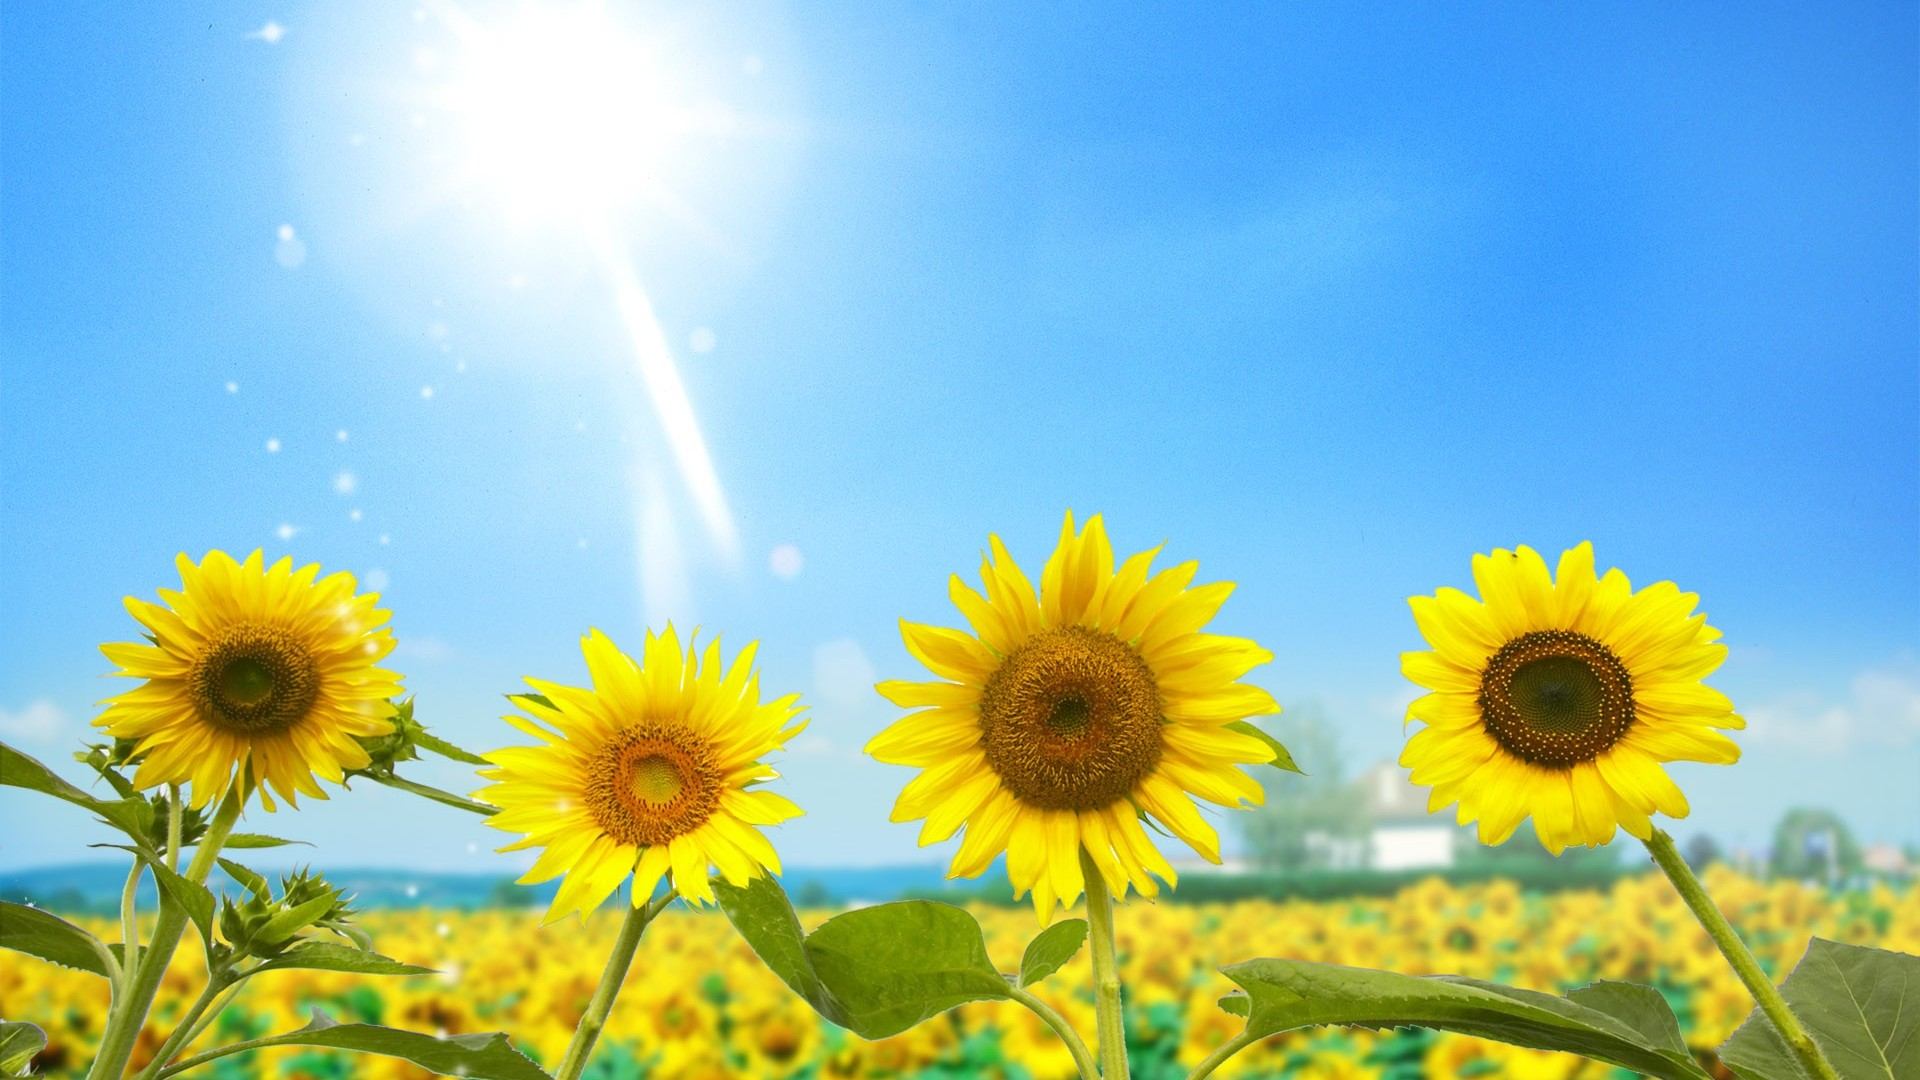 Summer Sunflower Wallpaper